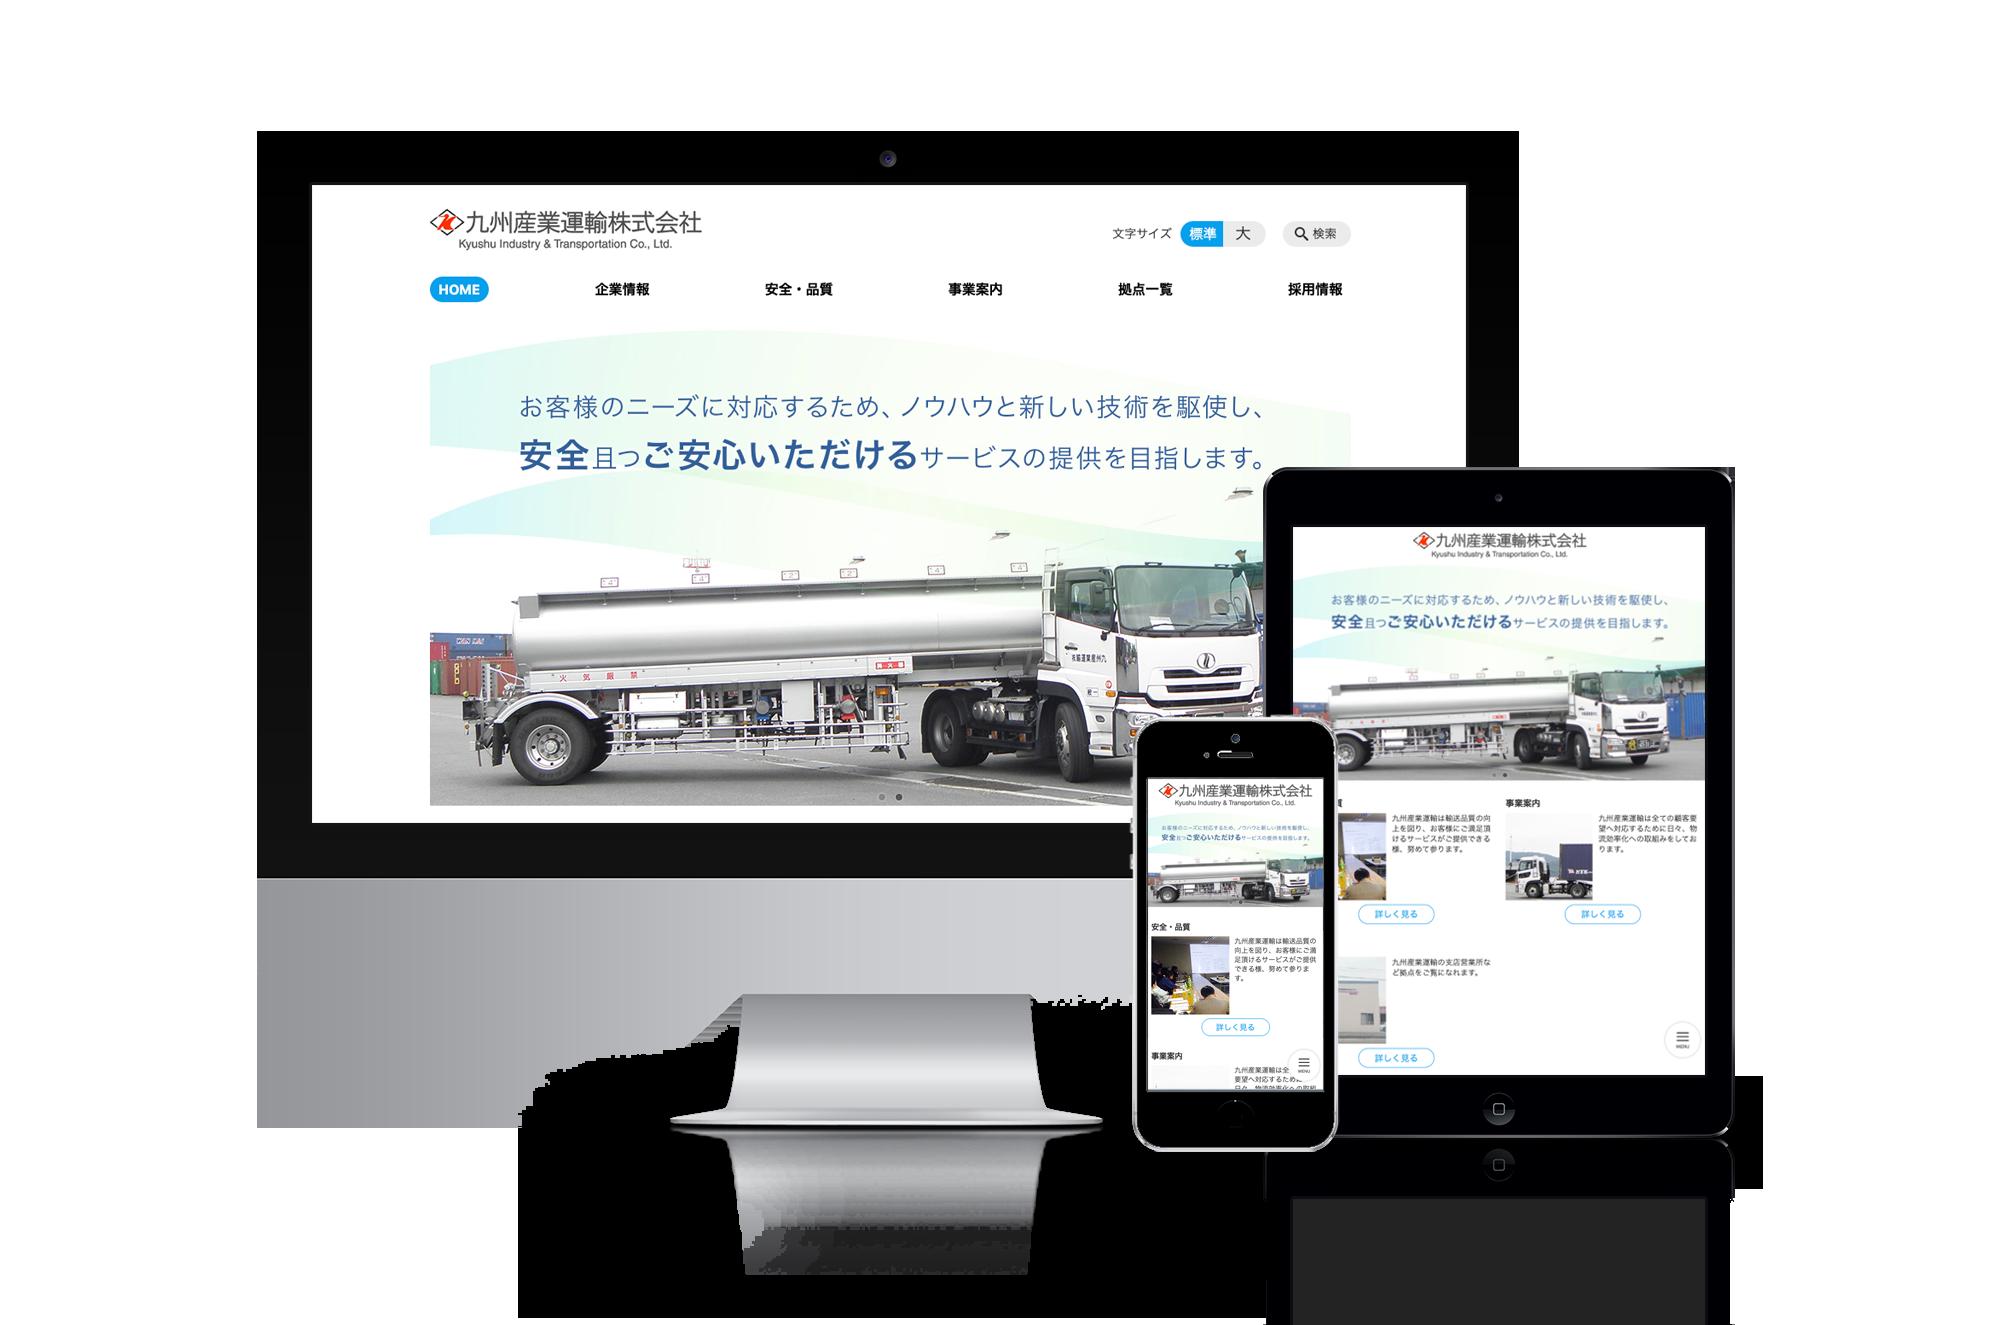 セレサイト制作実績「九州産業運輸株式会社」